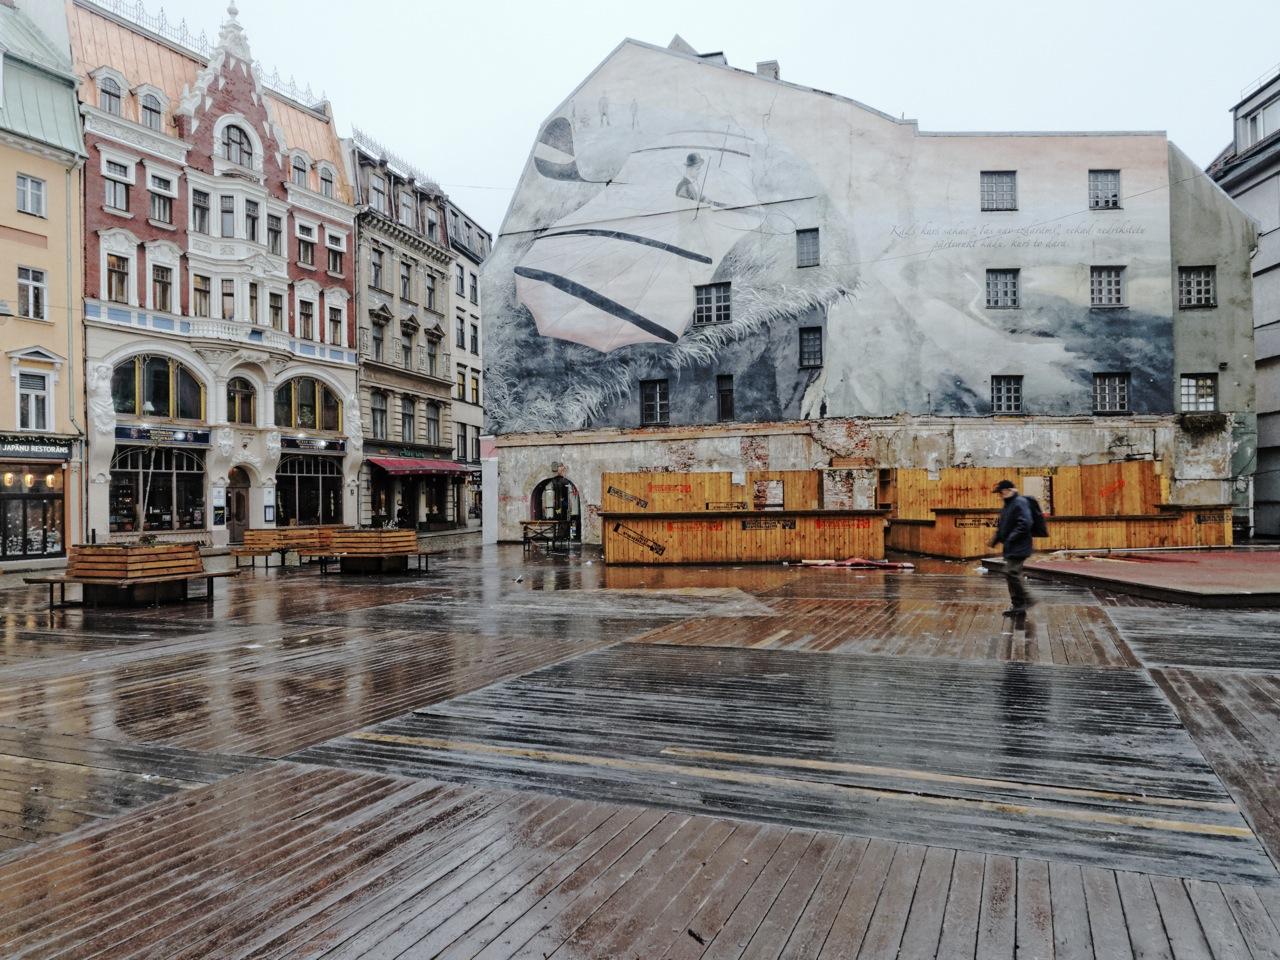 Bild: Jugendstil und Grafitti am Domplatz in der Altstadt von Riga. OLYMPUS OM-D E-M5 mit M.Zuiko Digital 12-50 mm 1:3.5-6.3 EZ. ISO 800 ¦ f/7.1 ¦ 12 mm ¦ 1/25 s ¦ kein Blitz. Klicken Sie auf das Bild um es zu vergrößern.